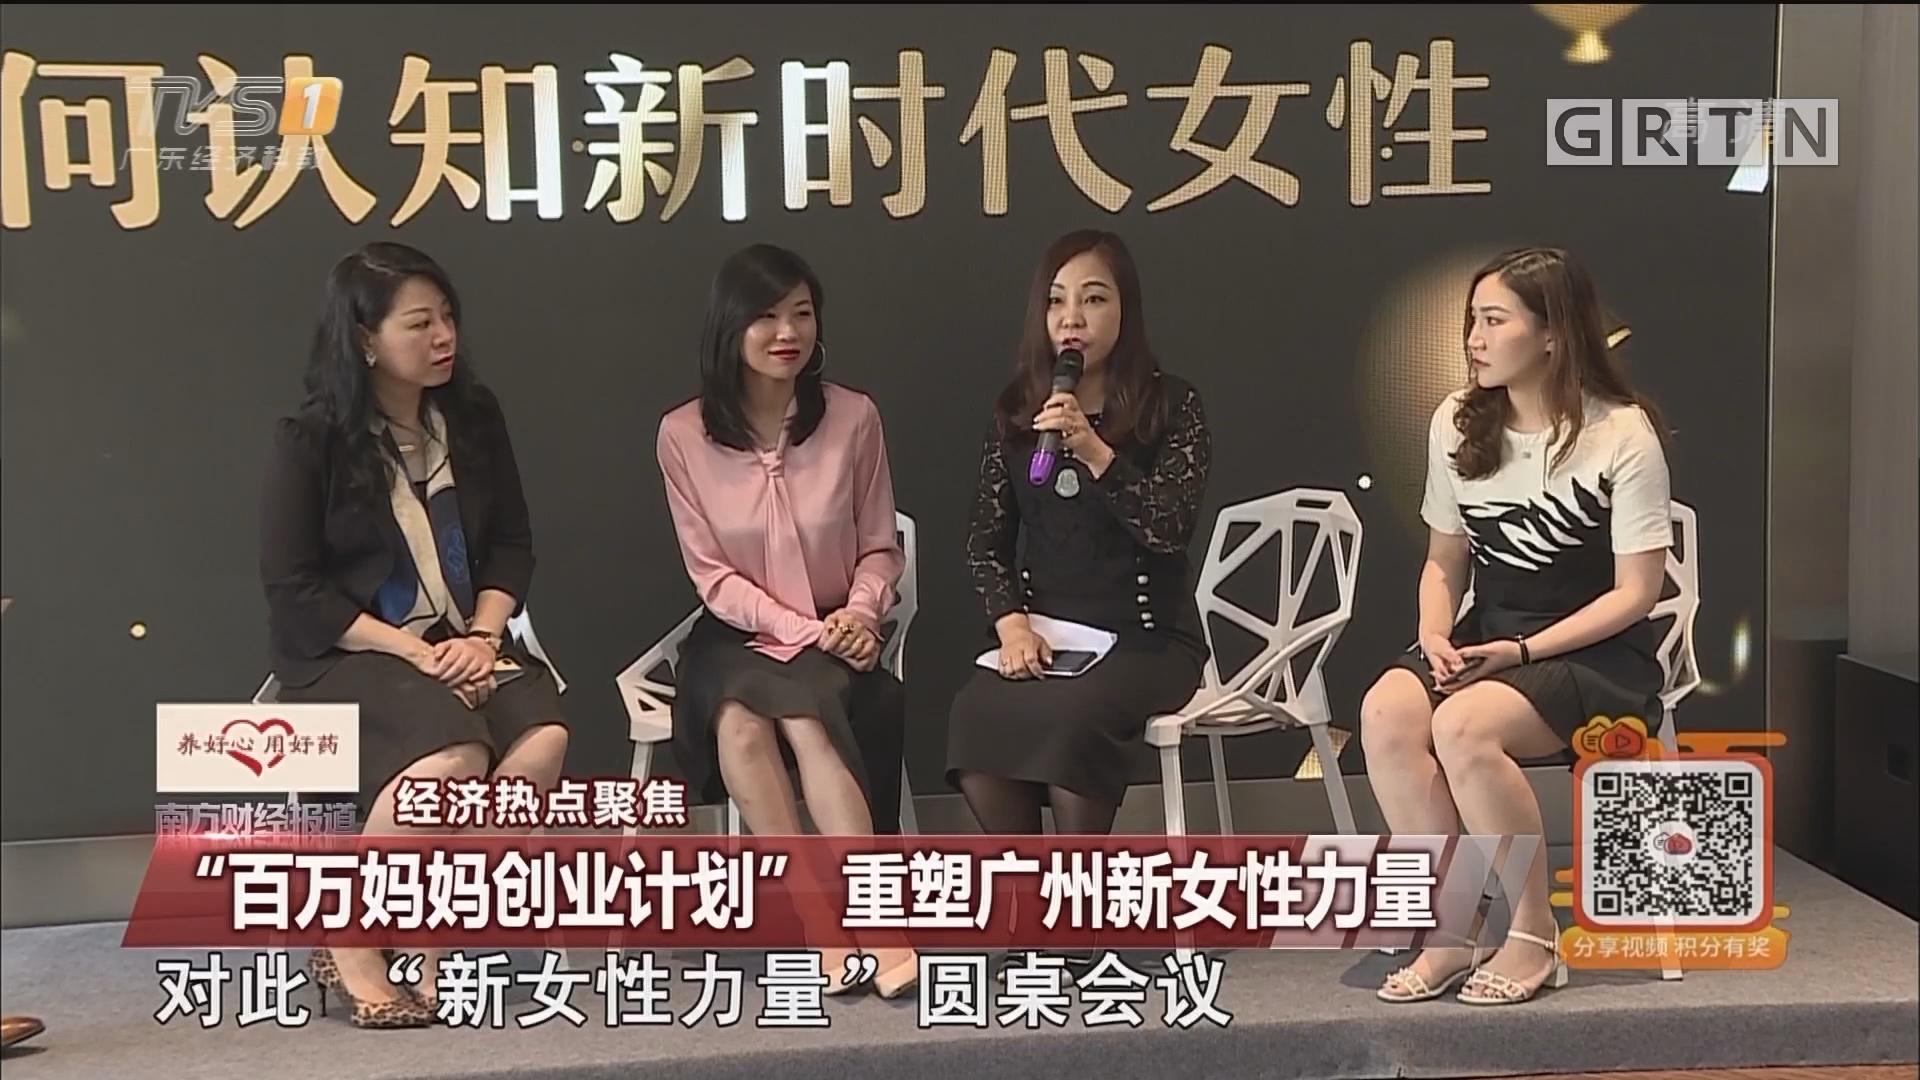 """""""百万妈妈创业计划"""" 重塑广州新女性力量"""